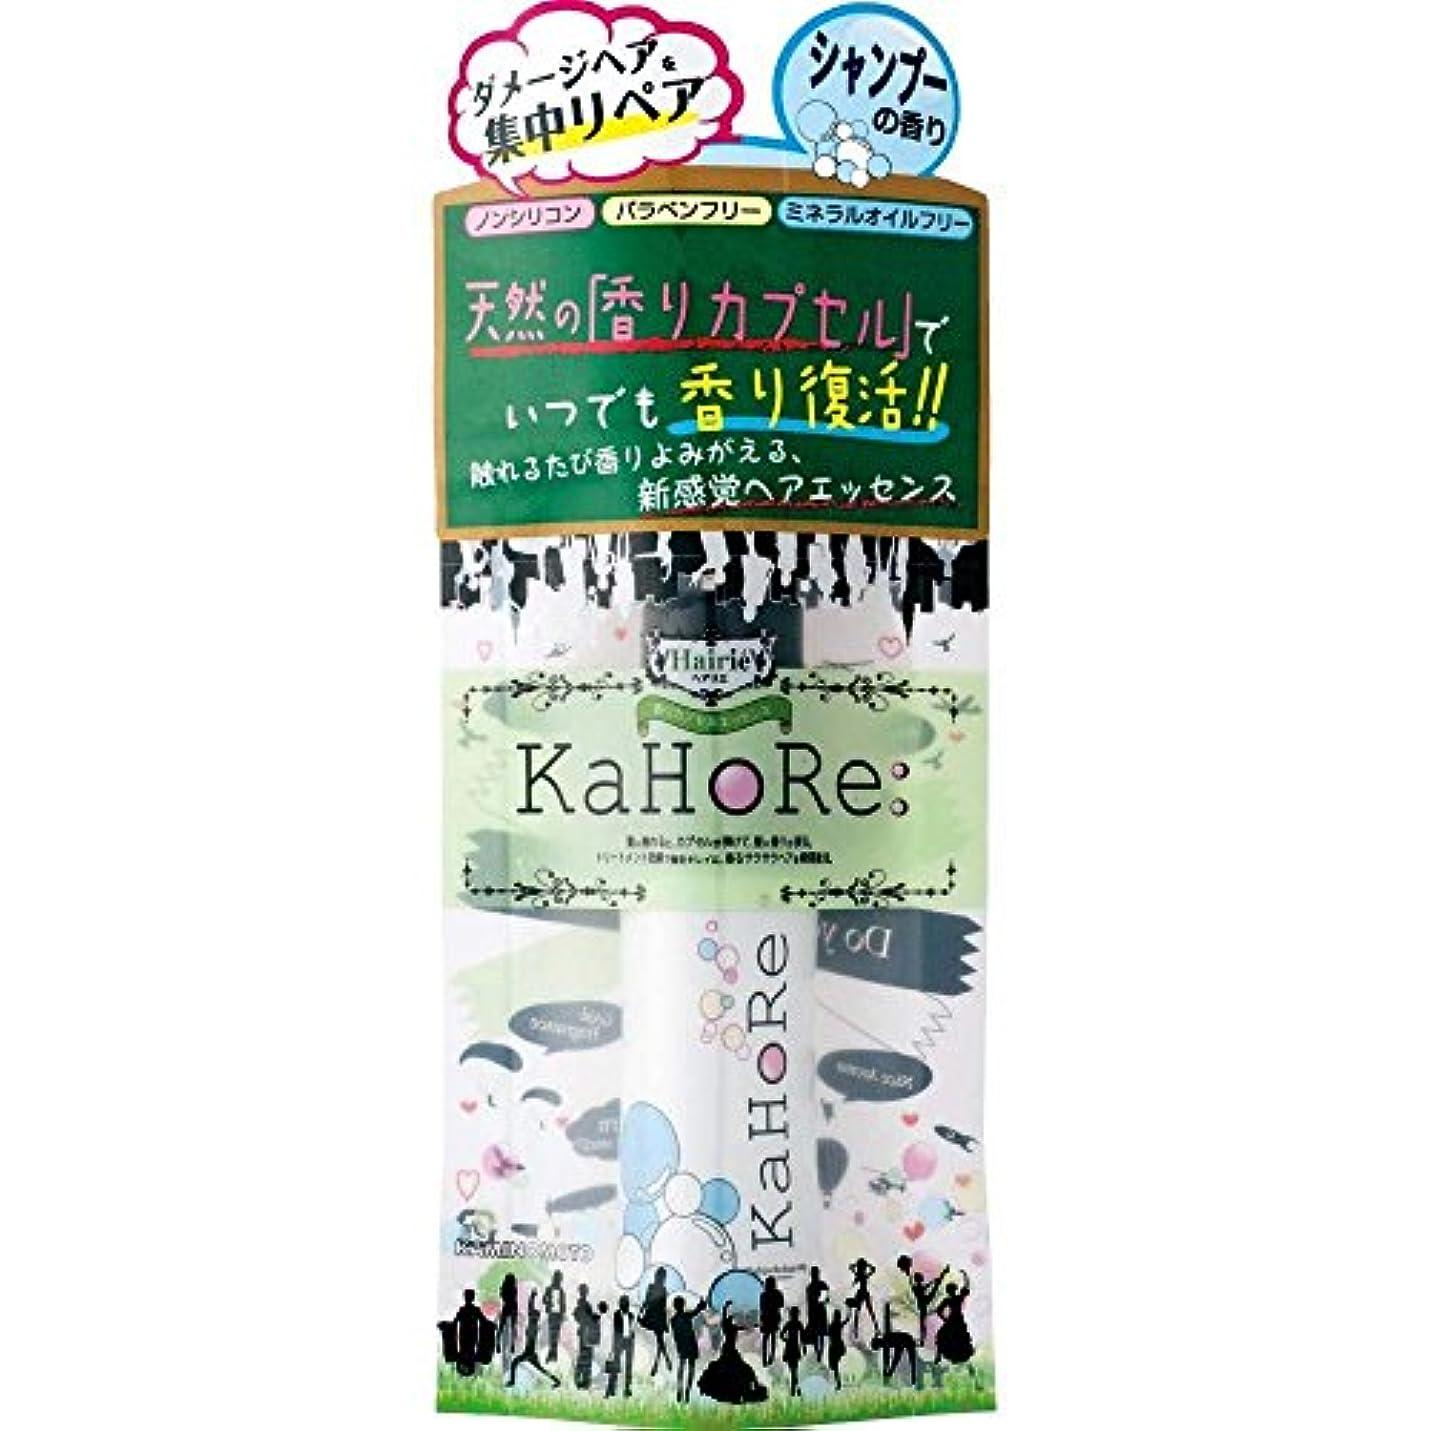 主導権掃く同種のヘアリエ KaHoRe ヘアエッセンス 洗いたてのシャンプーの香り 30g×3個